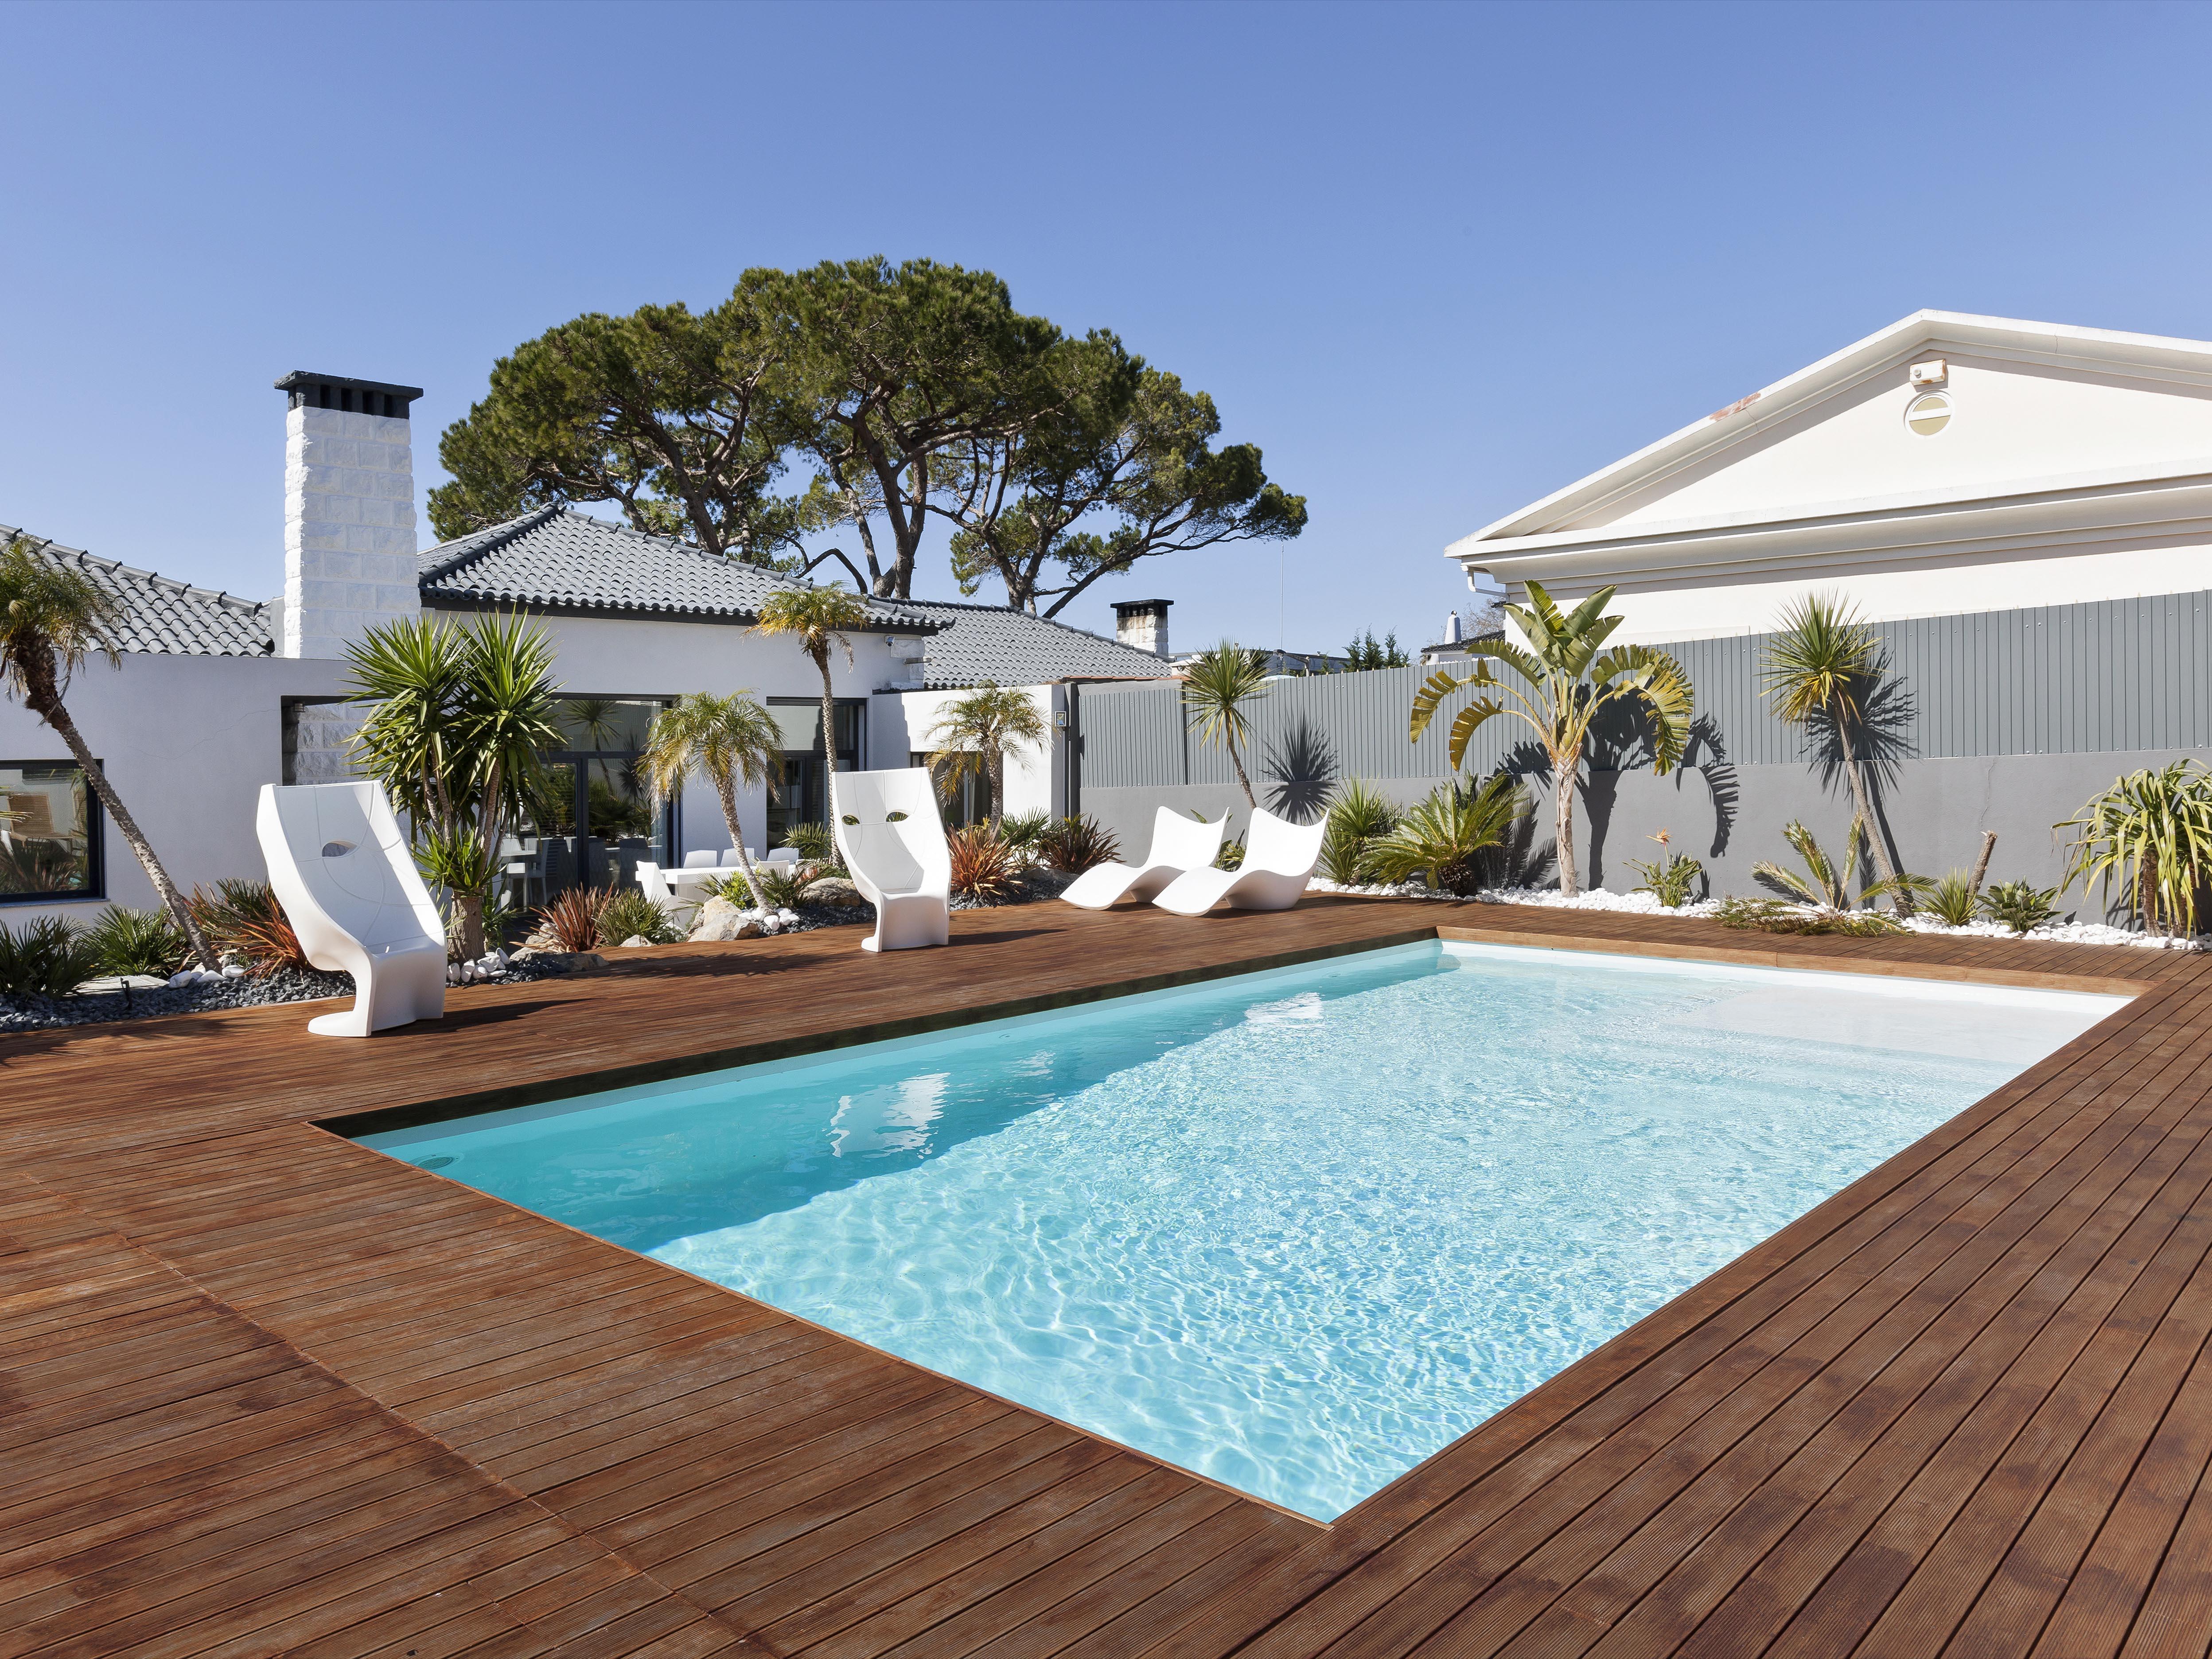 Частный односемейный дом для того Продажа на House, 5 bedrooms, for Sale Cascais, Лиссабон, - Португалия